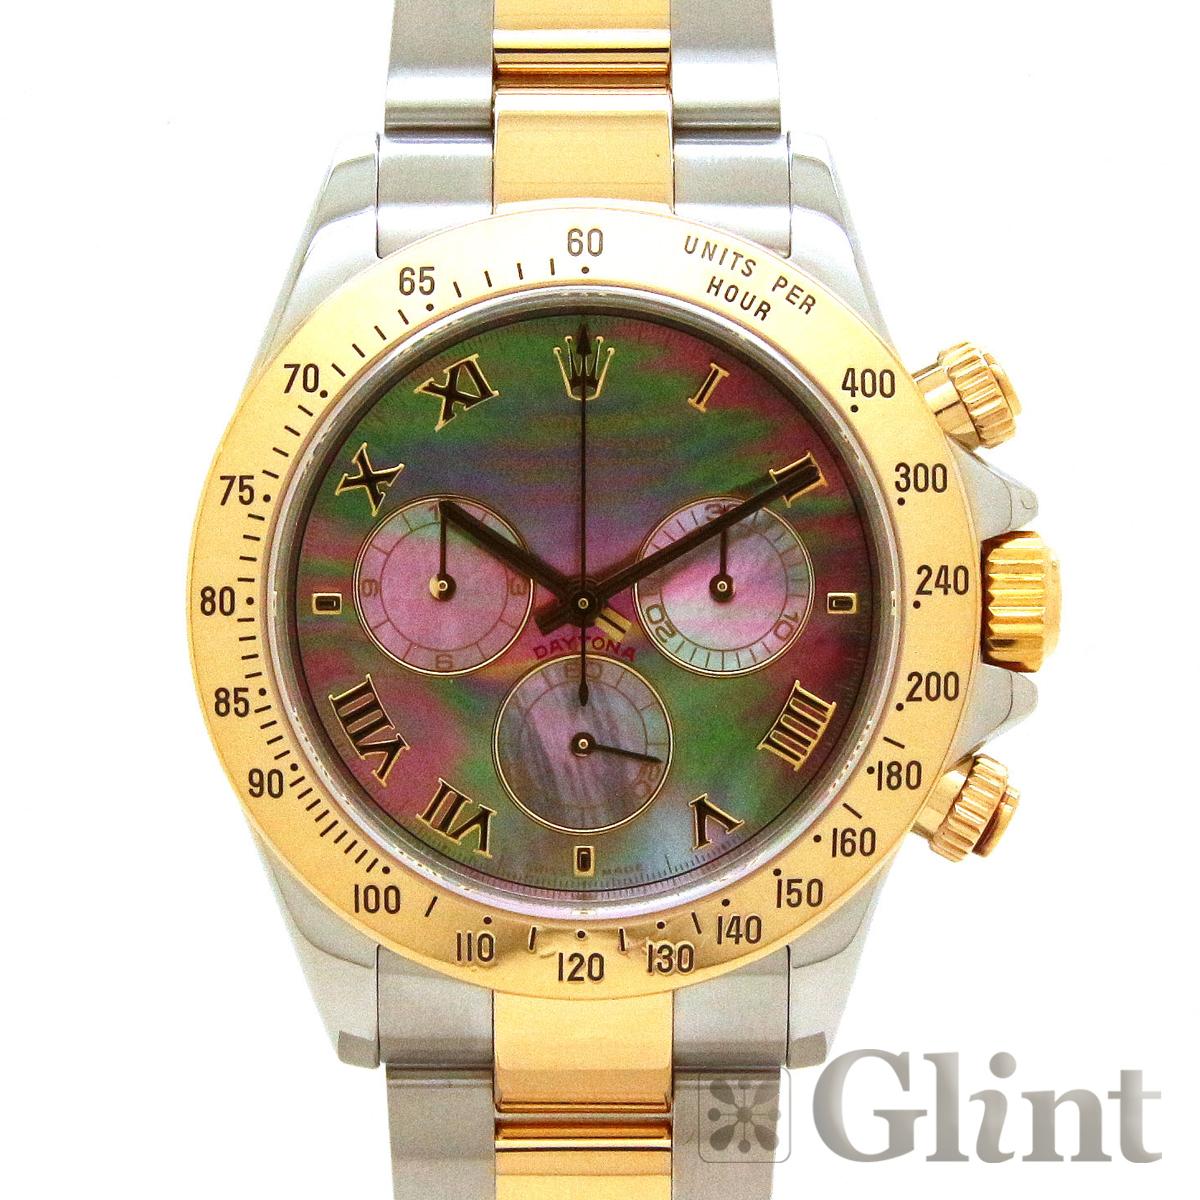 ロレックス(ROLEX)デイトナ 116523NR ブラックシェル コンビ ロレゾール ブラック文字盤〔腕時計〕〔メンズ〕〔P番/2000年〕【中古】